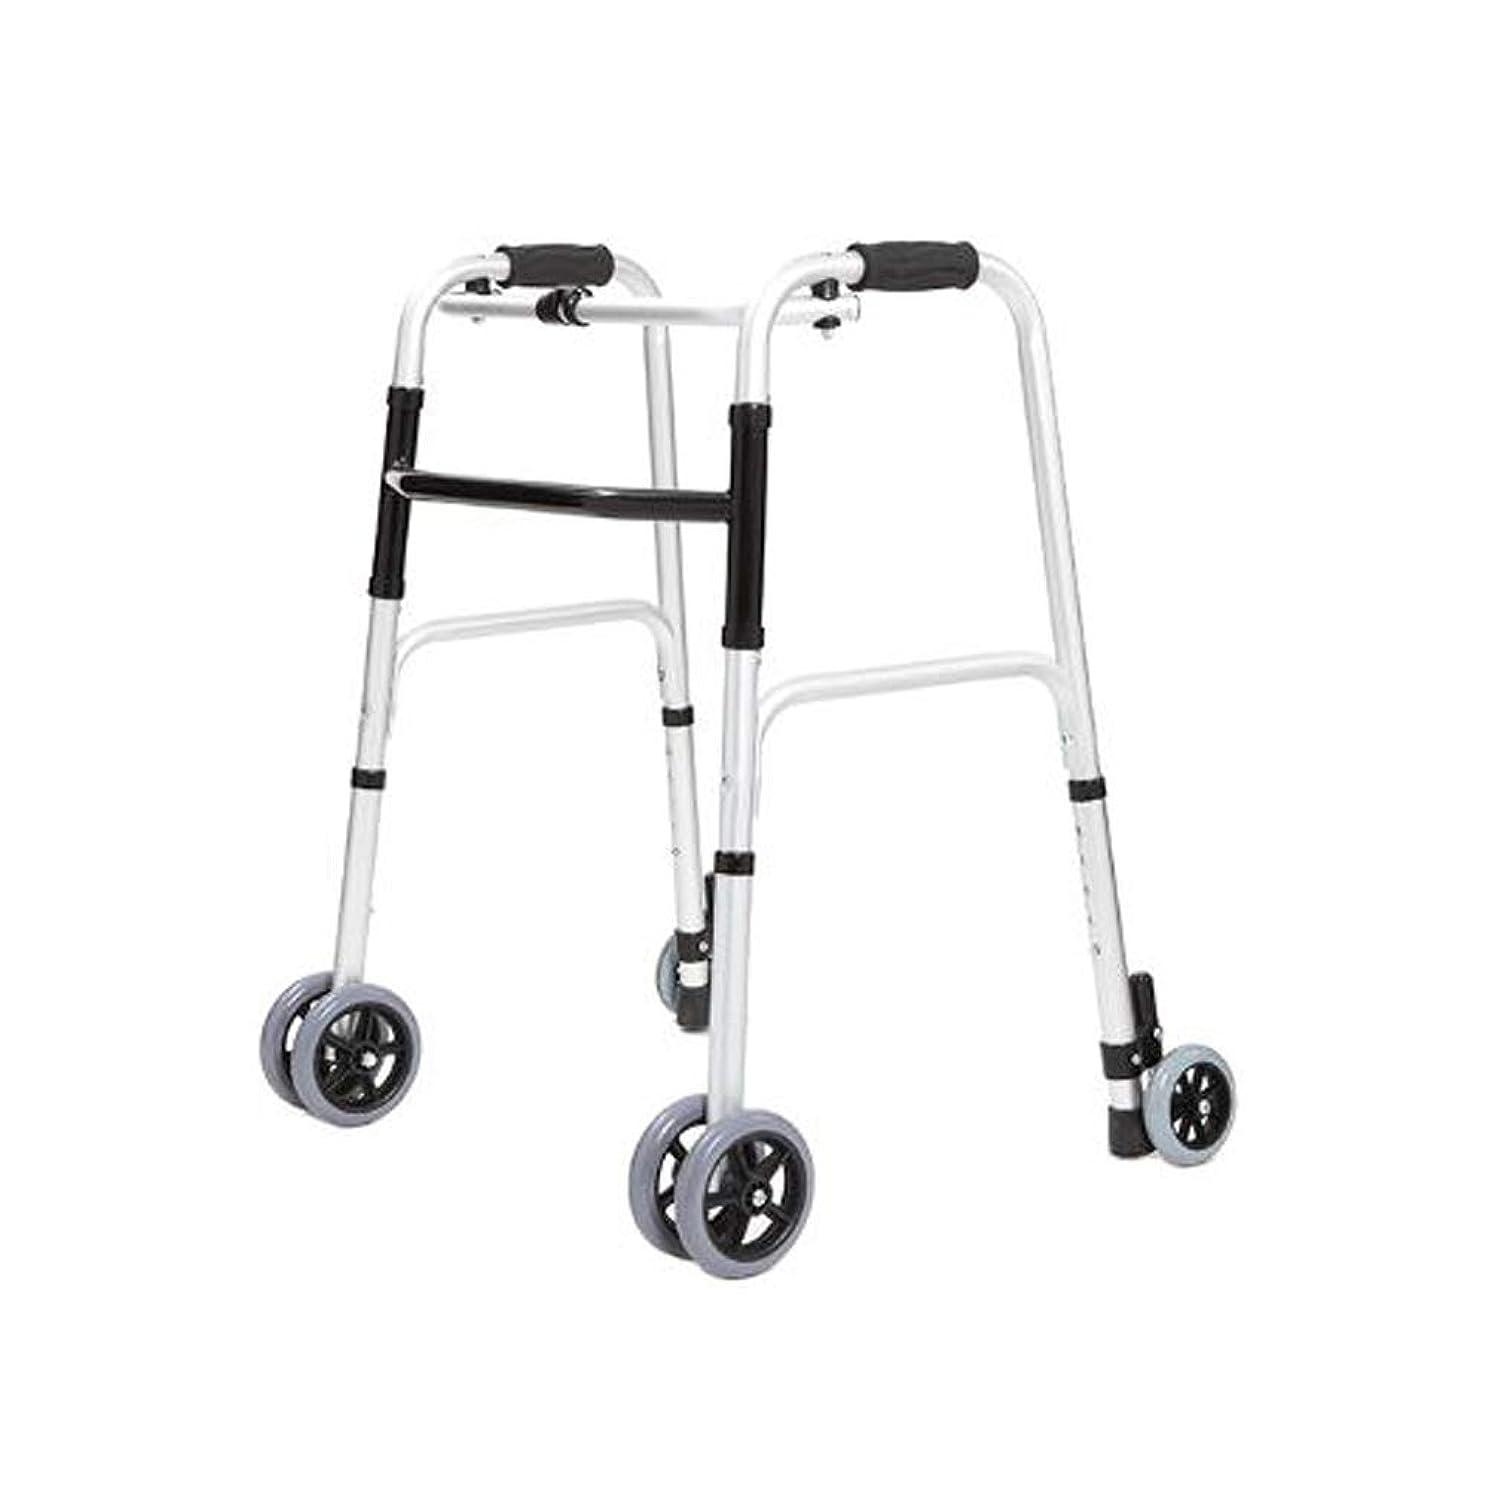 ツーリスト小数つかの間[ラオンアチ] 大人のための歩行器 折りたたみ 車輪型歩行器 6輪歩行車 5段の高さ調節可能 [日本語説明書付き] [海外直送品]